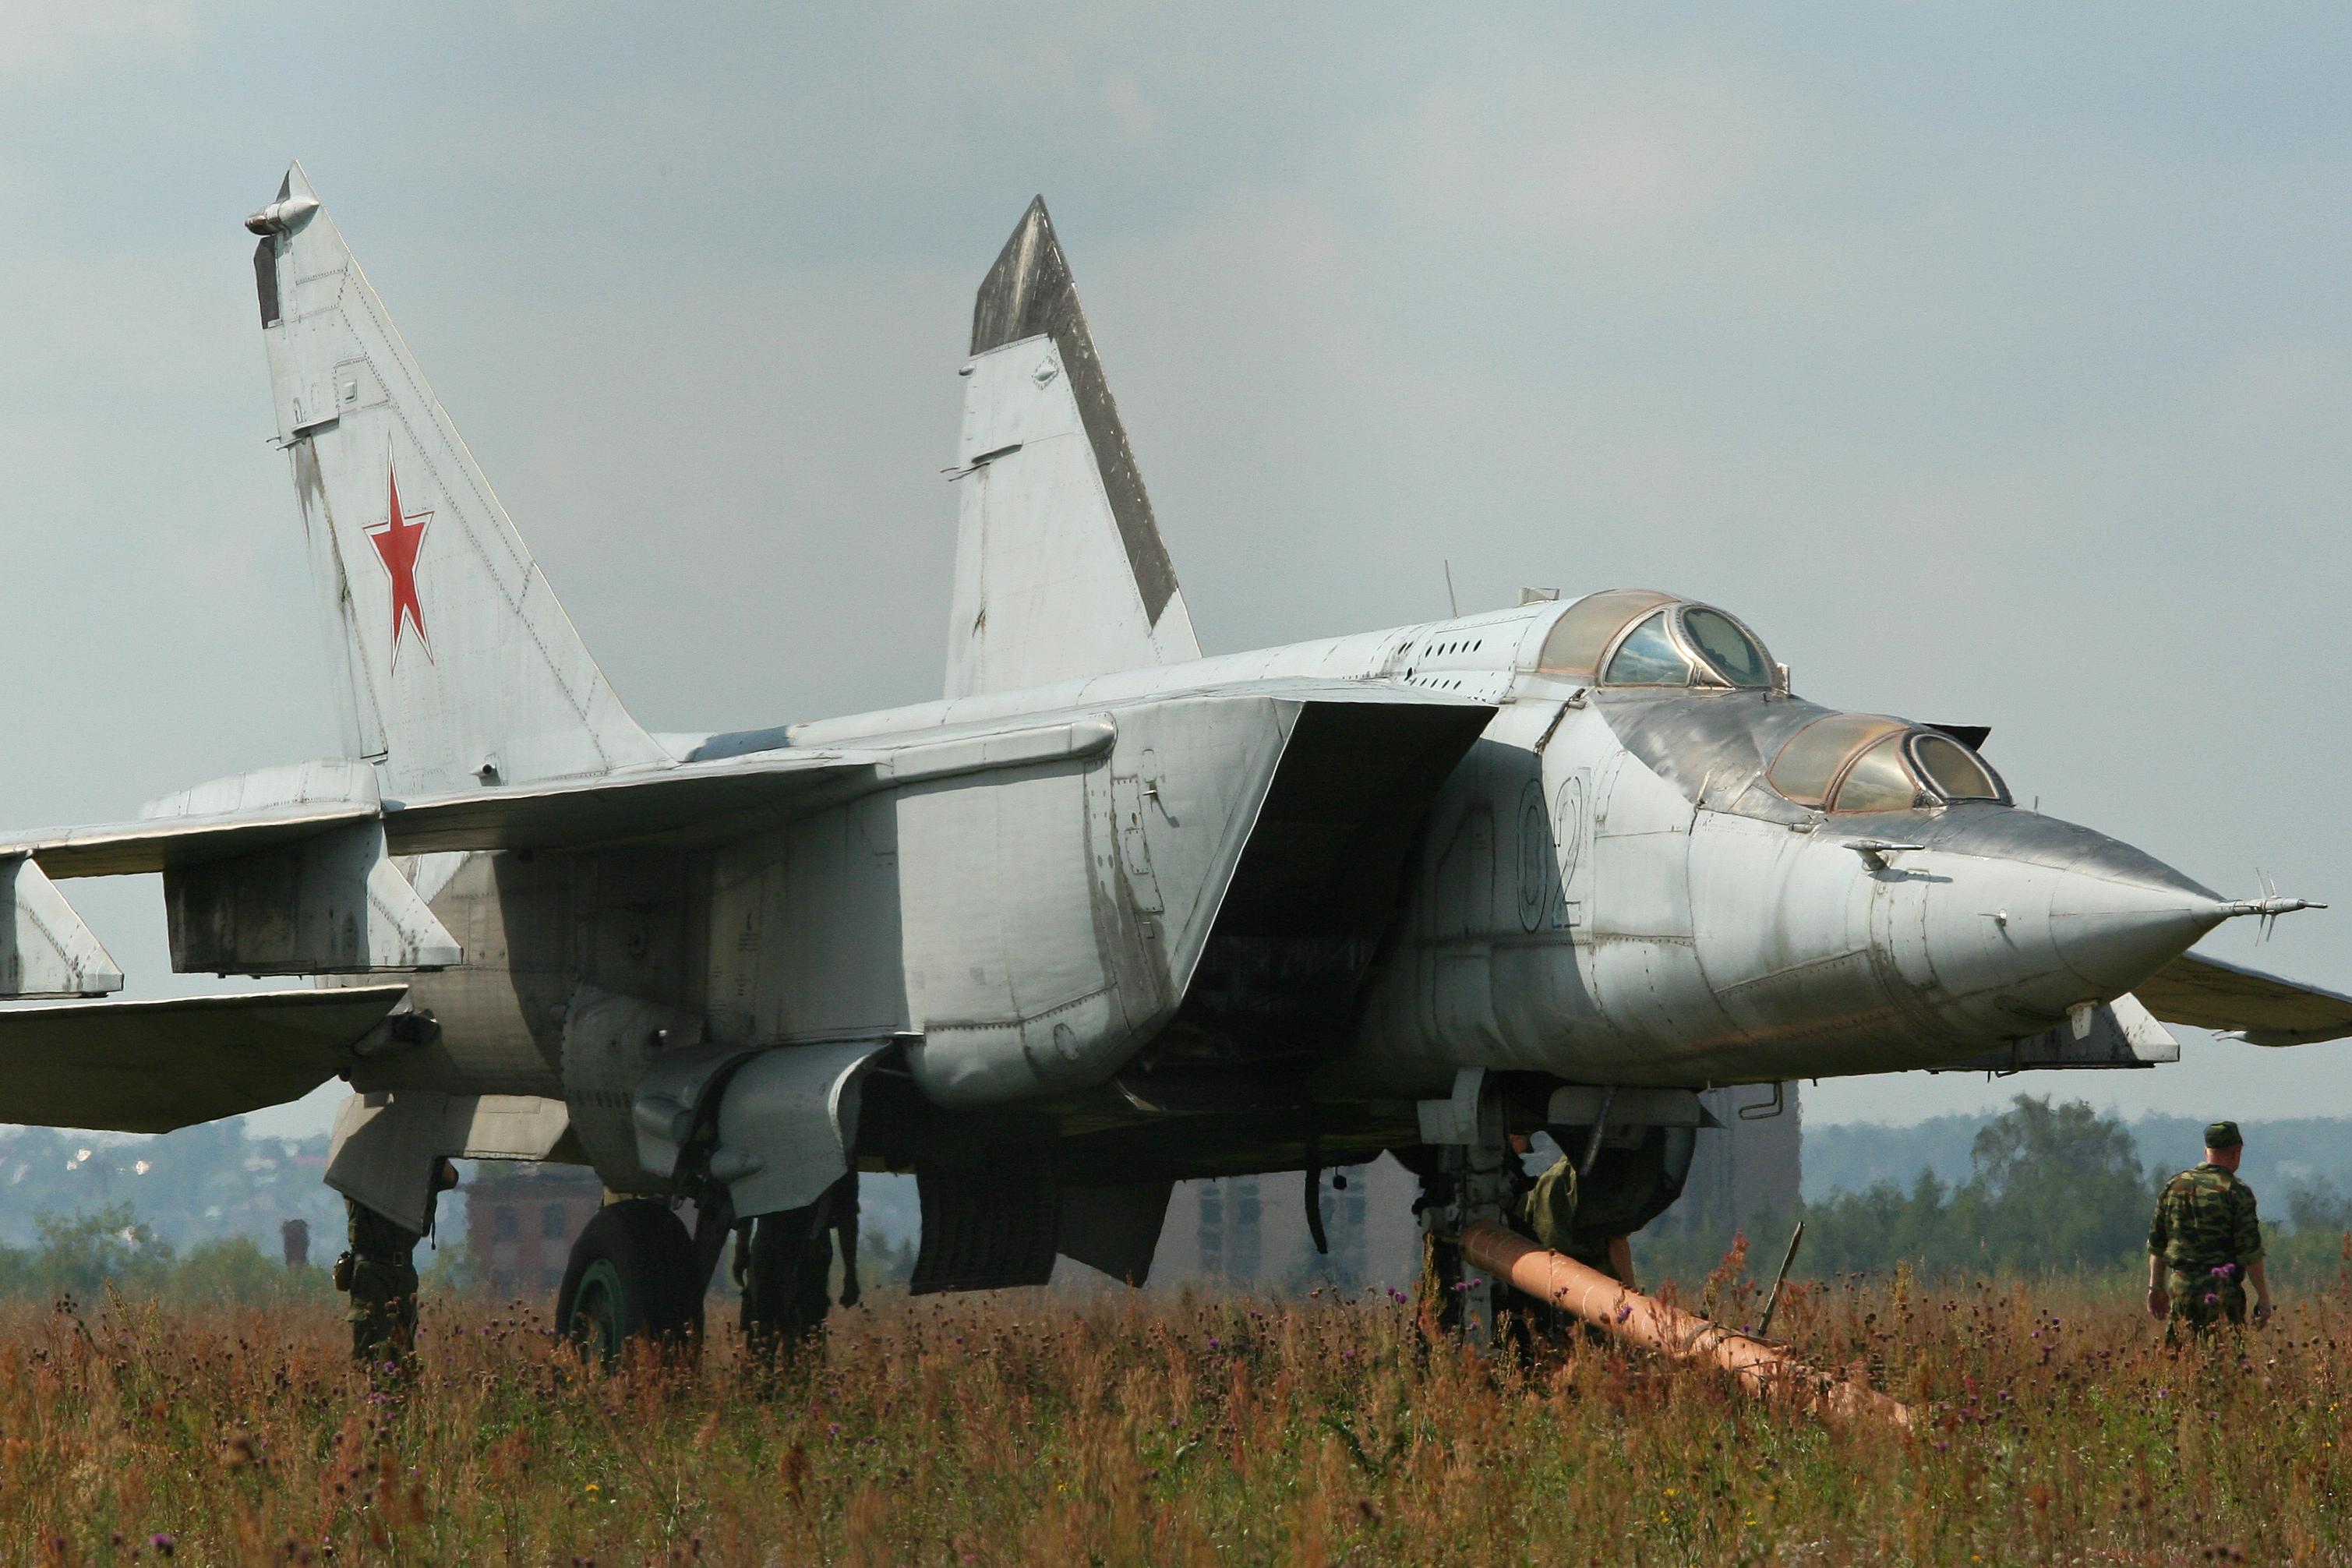 FileMikoyan MiG 25PU SOTN Foxbat C 02 blue 8605743456jpg 3018x2012